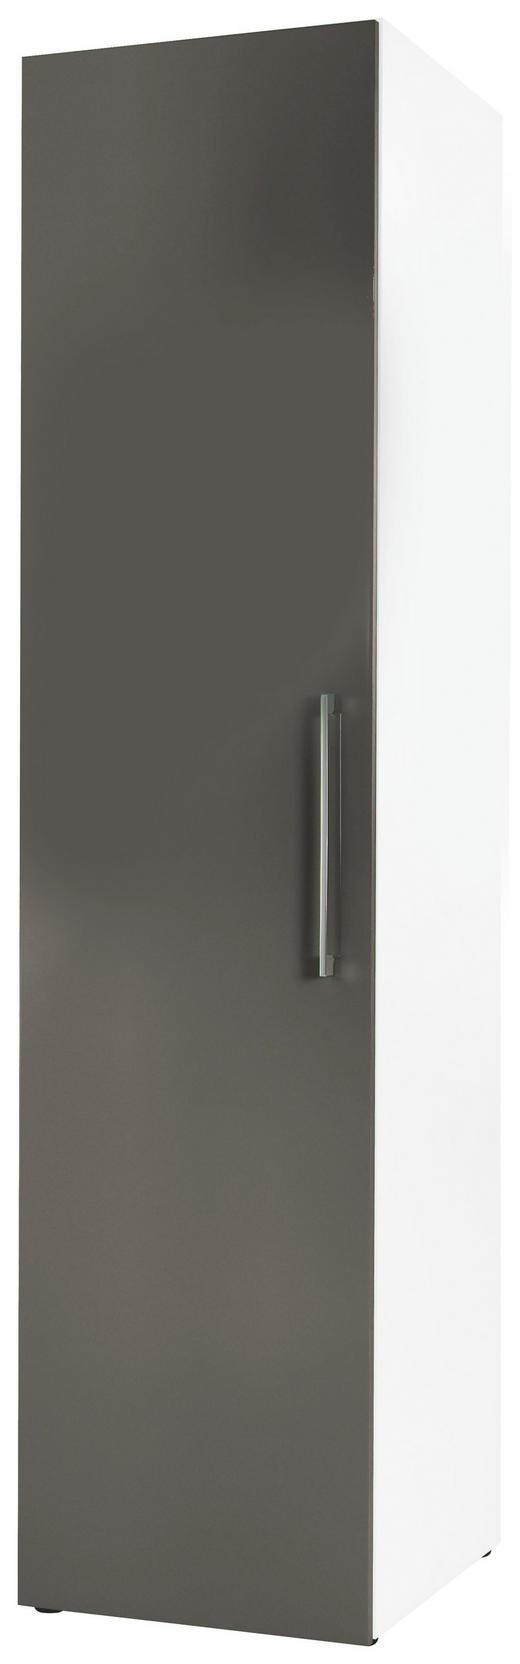 DREHTÜRENSCHRANK 1-türig Grau, Weiß - Chromfarben/Weiß, Design, Holzwerkstoff/Metall (50/208/57cm) - Carryhome